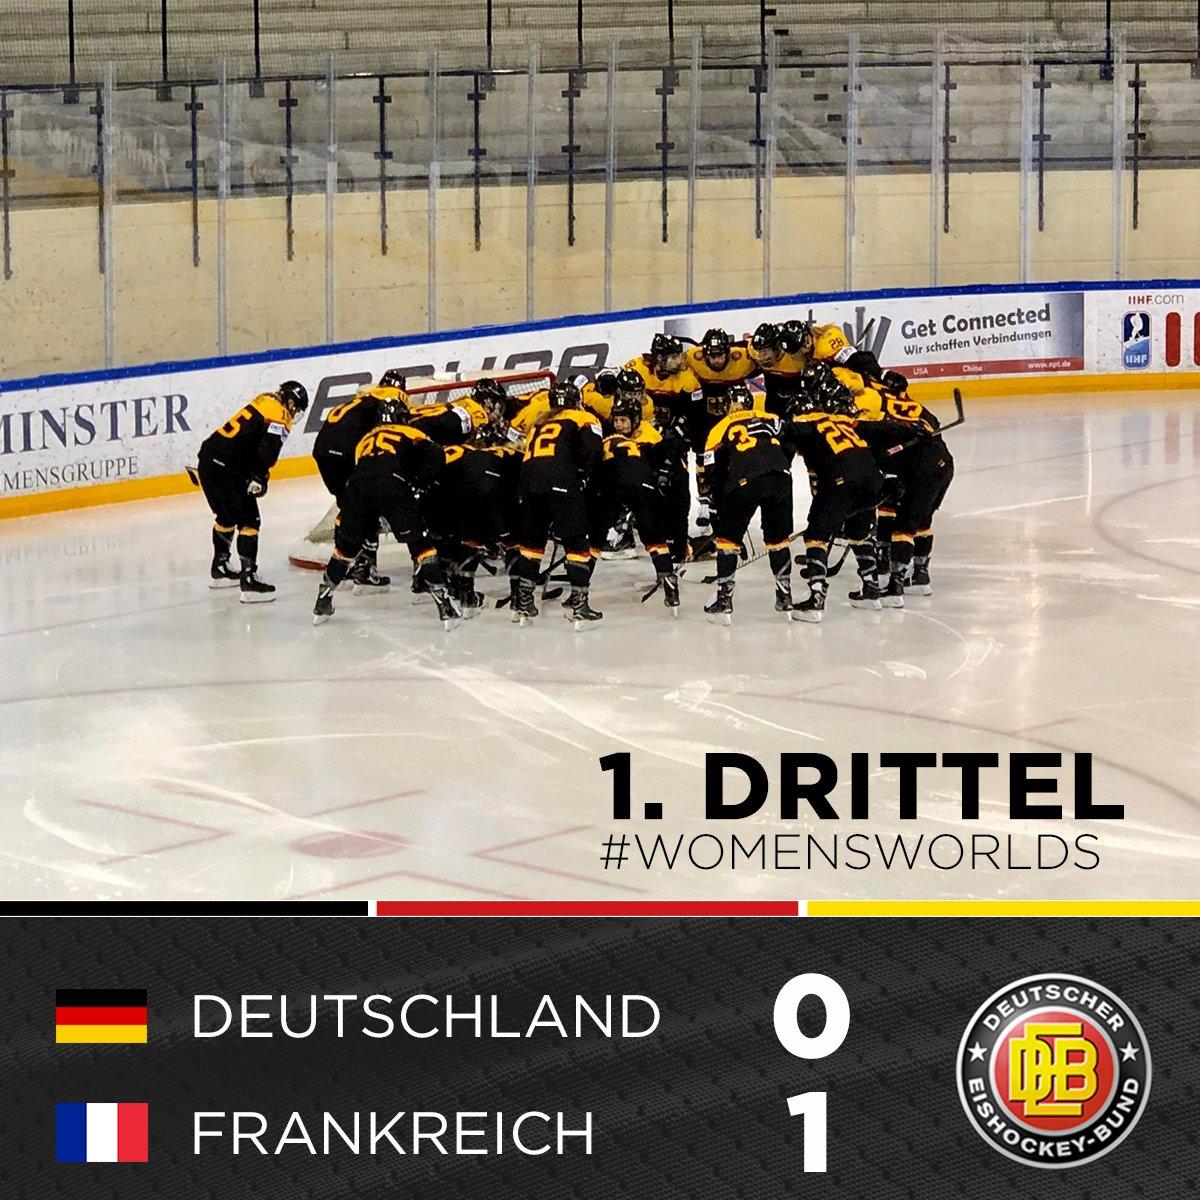 Deutscher Eishockey Bund On Twitter 01 Nach 20 Minuten